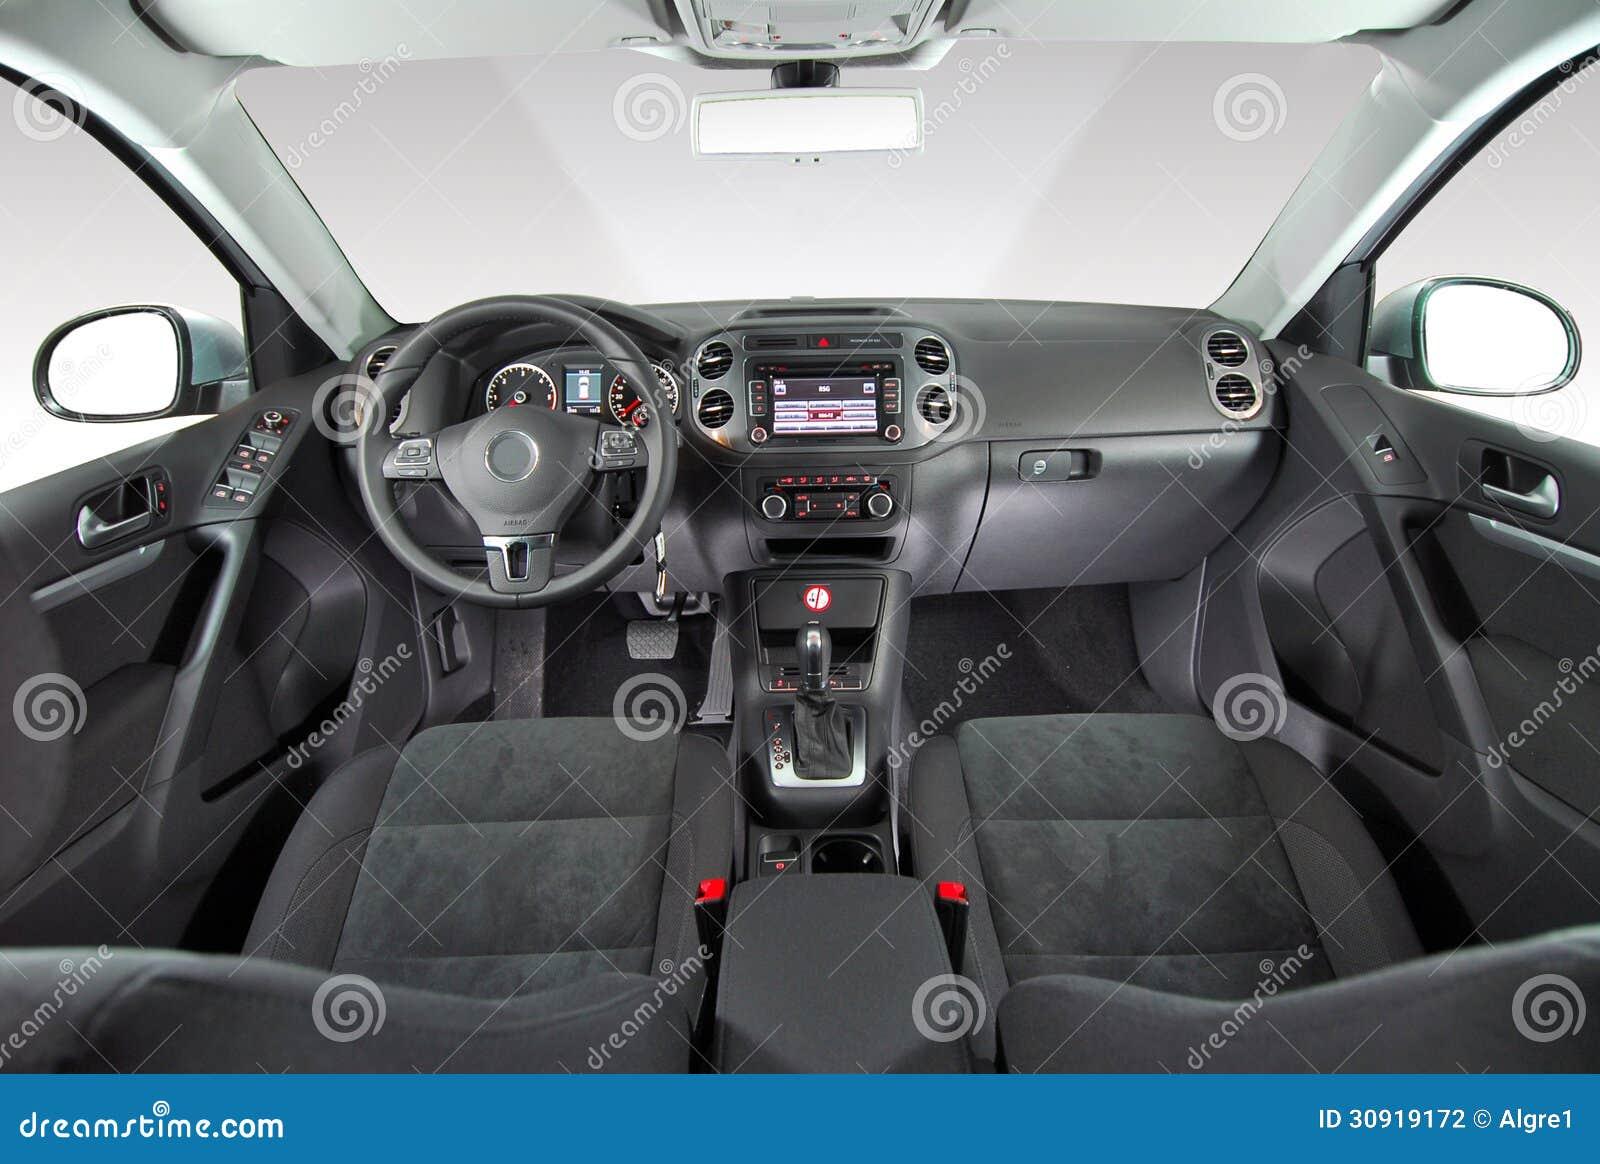 innenraum eines modernen autos stockfoto  bild von stuhl